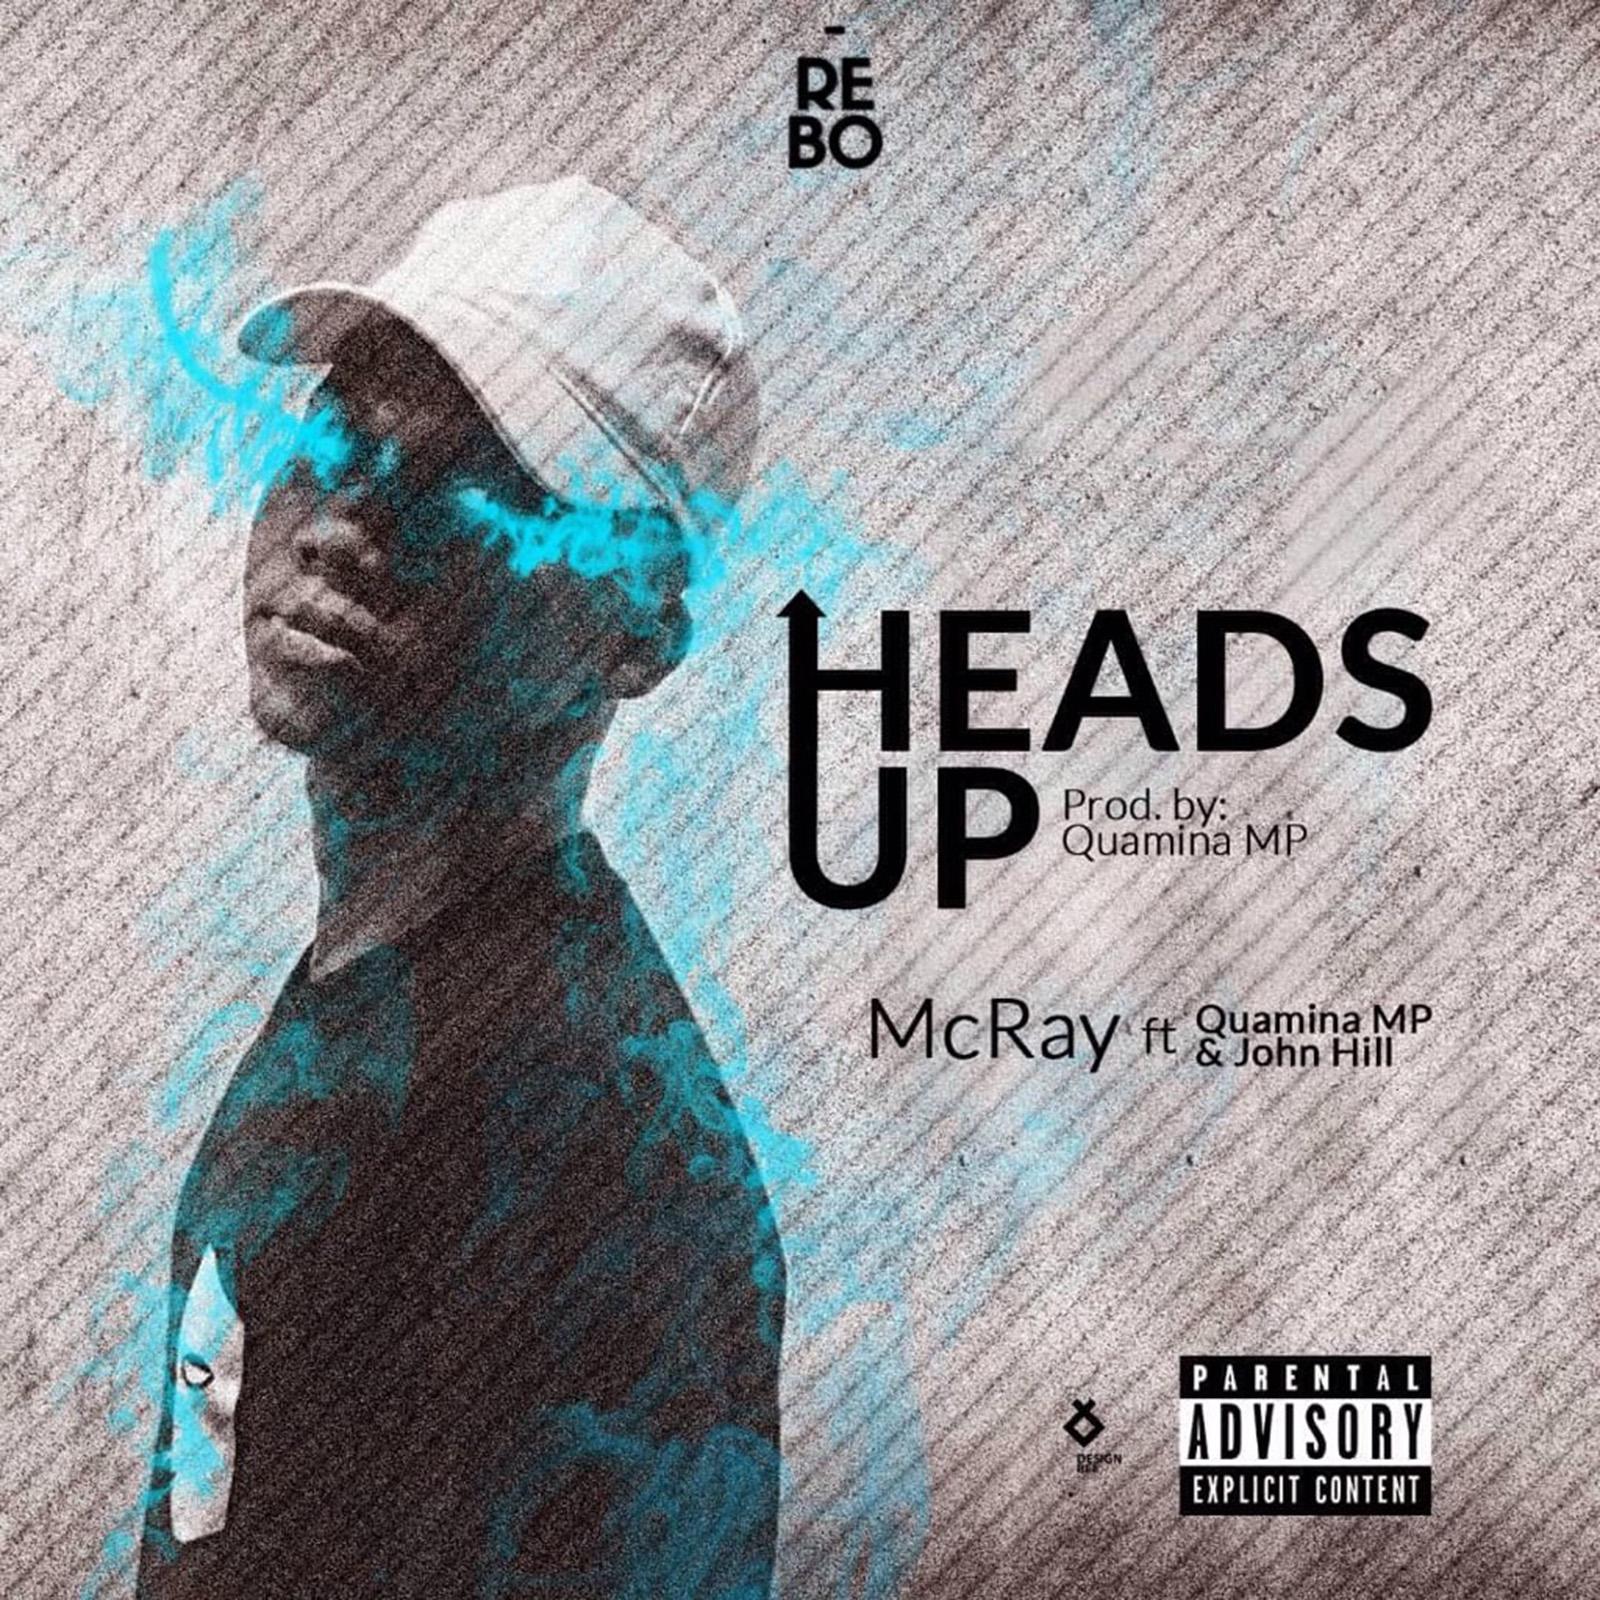 Heads Up by McRay feat. Quamina MP & John Hill